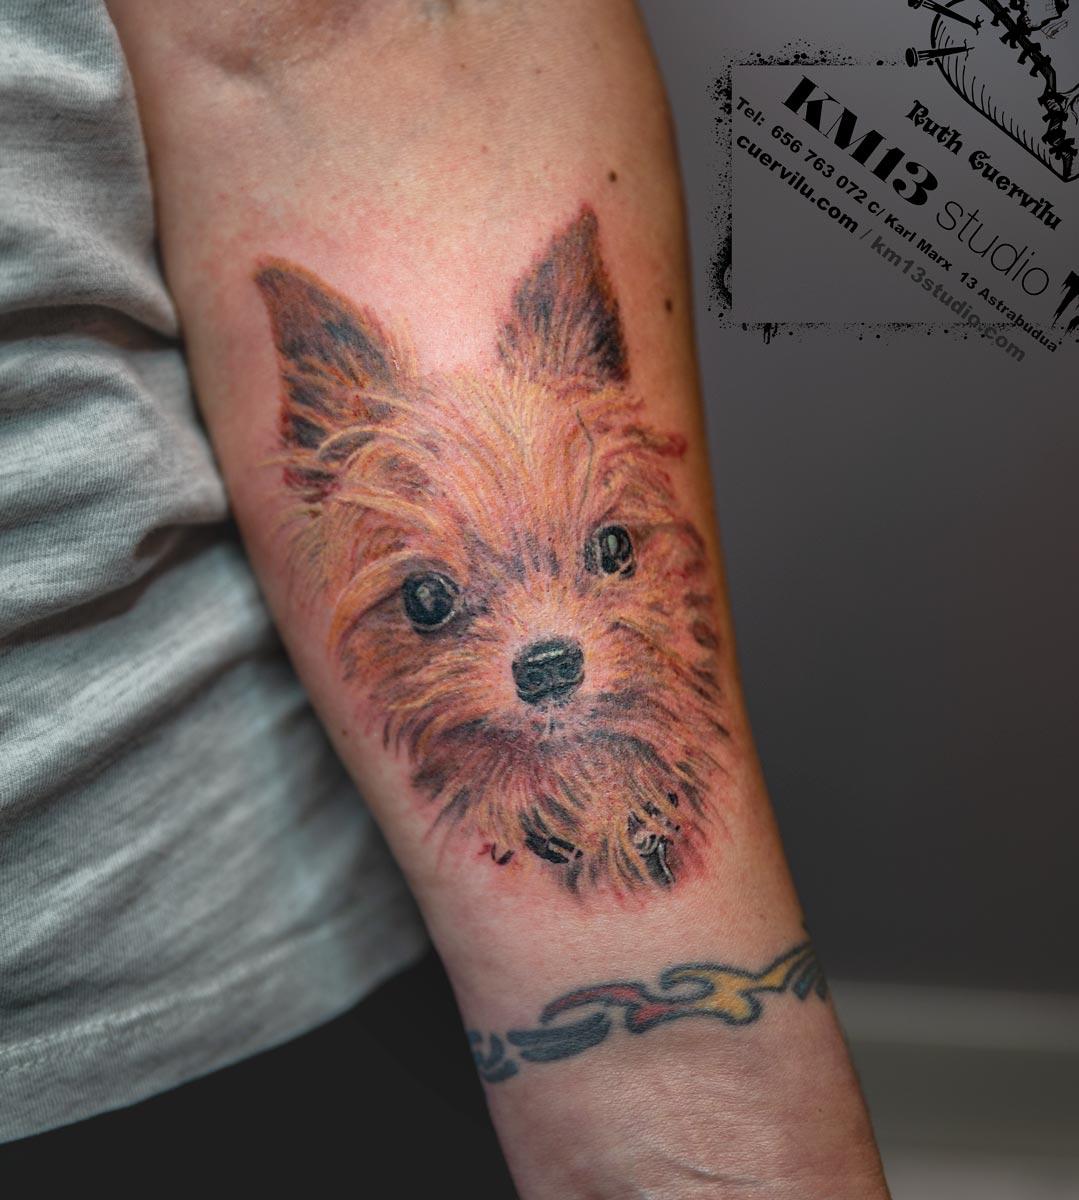 Tatuaje Retrato Perro COCO - Ruth Cuervilu Tattoo - KM13 Studio